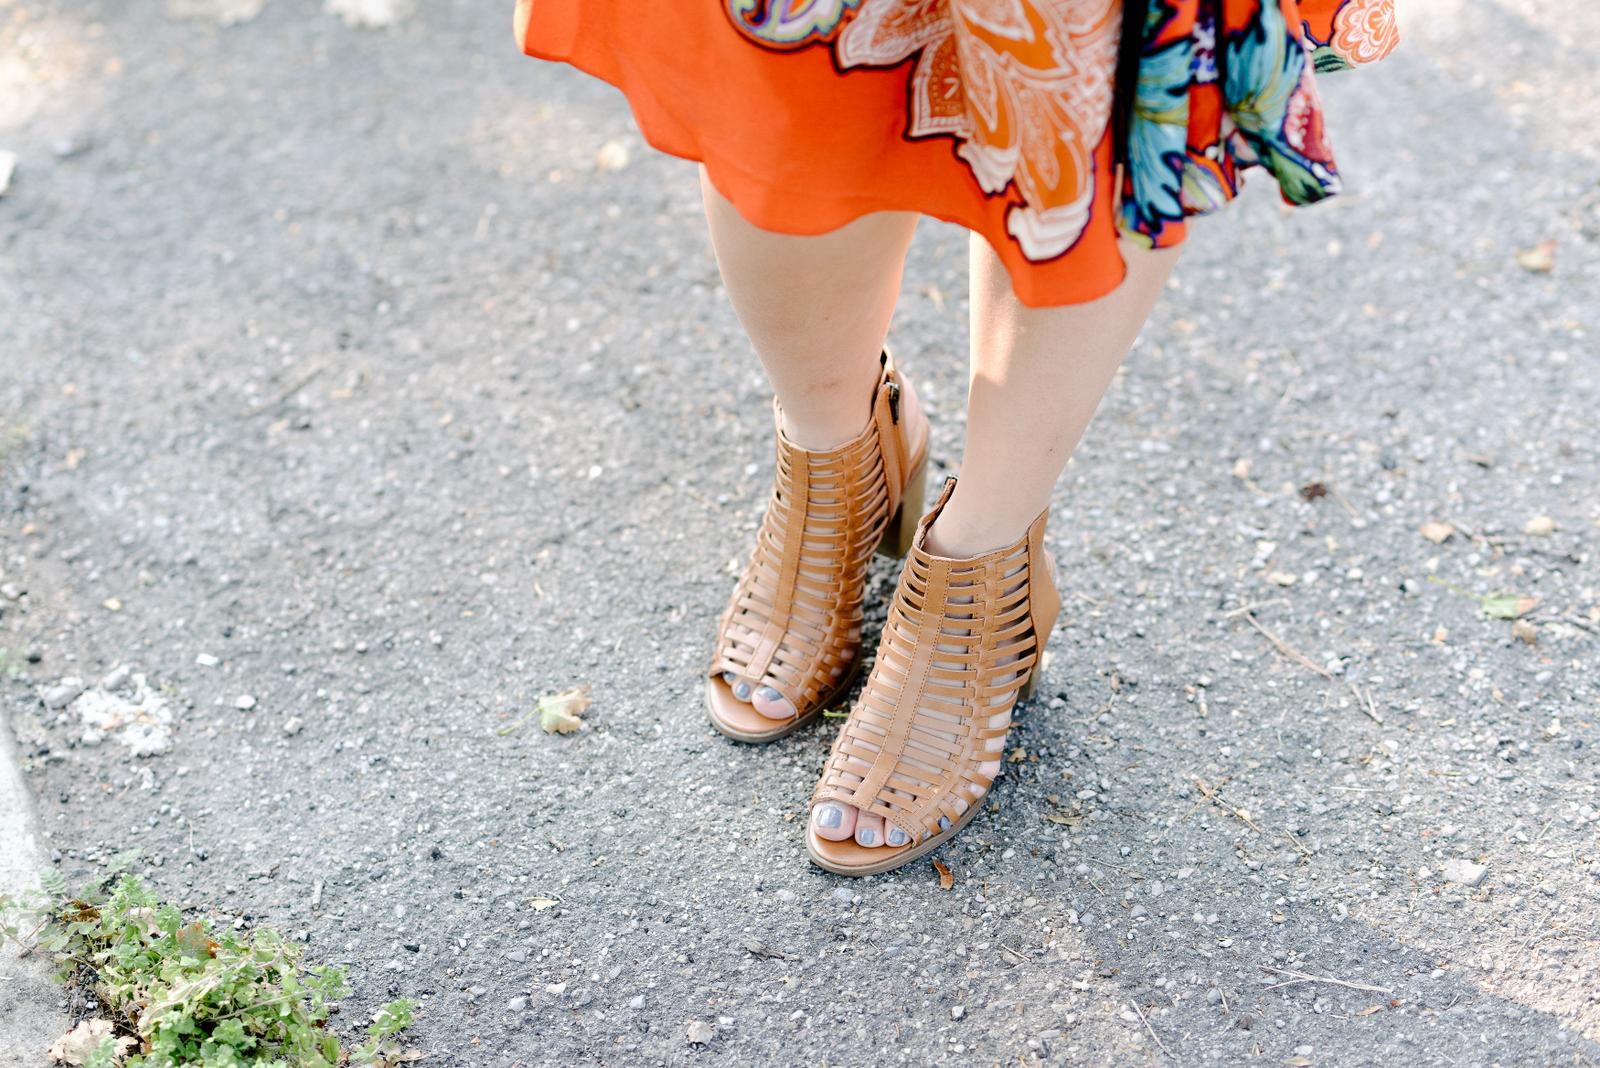 Target caged sandals